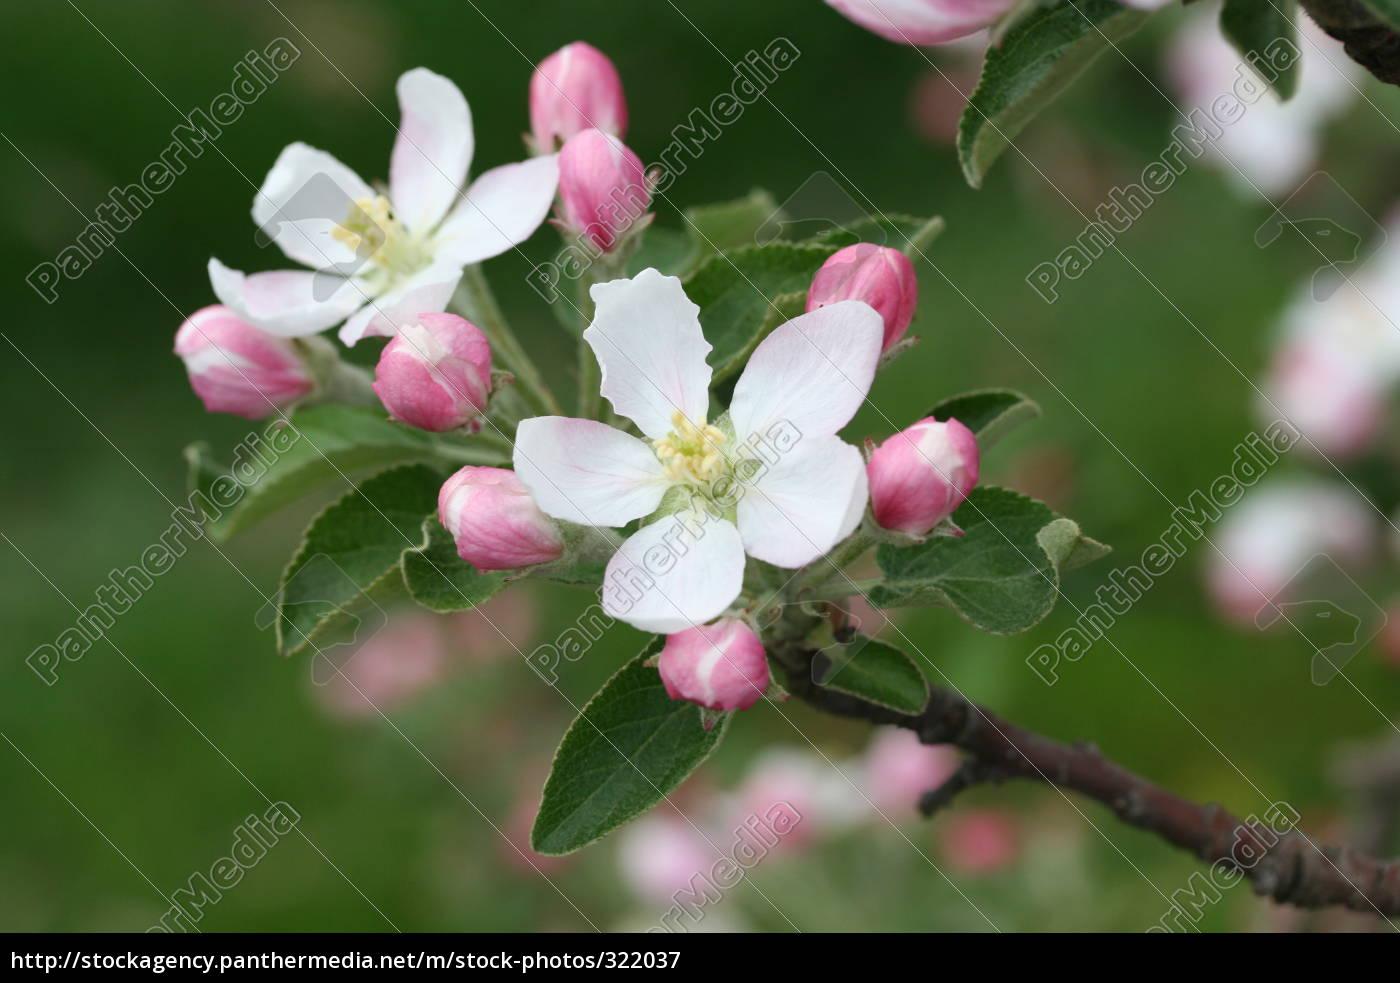 blossom - 322037